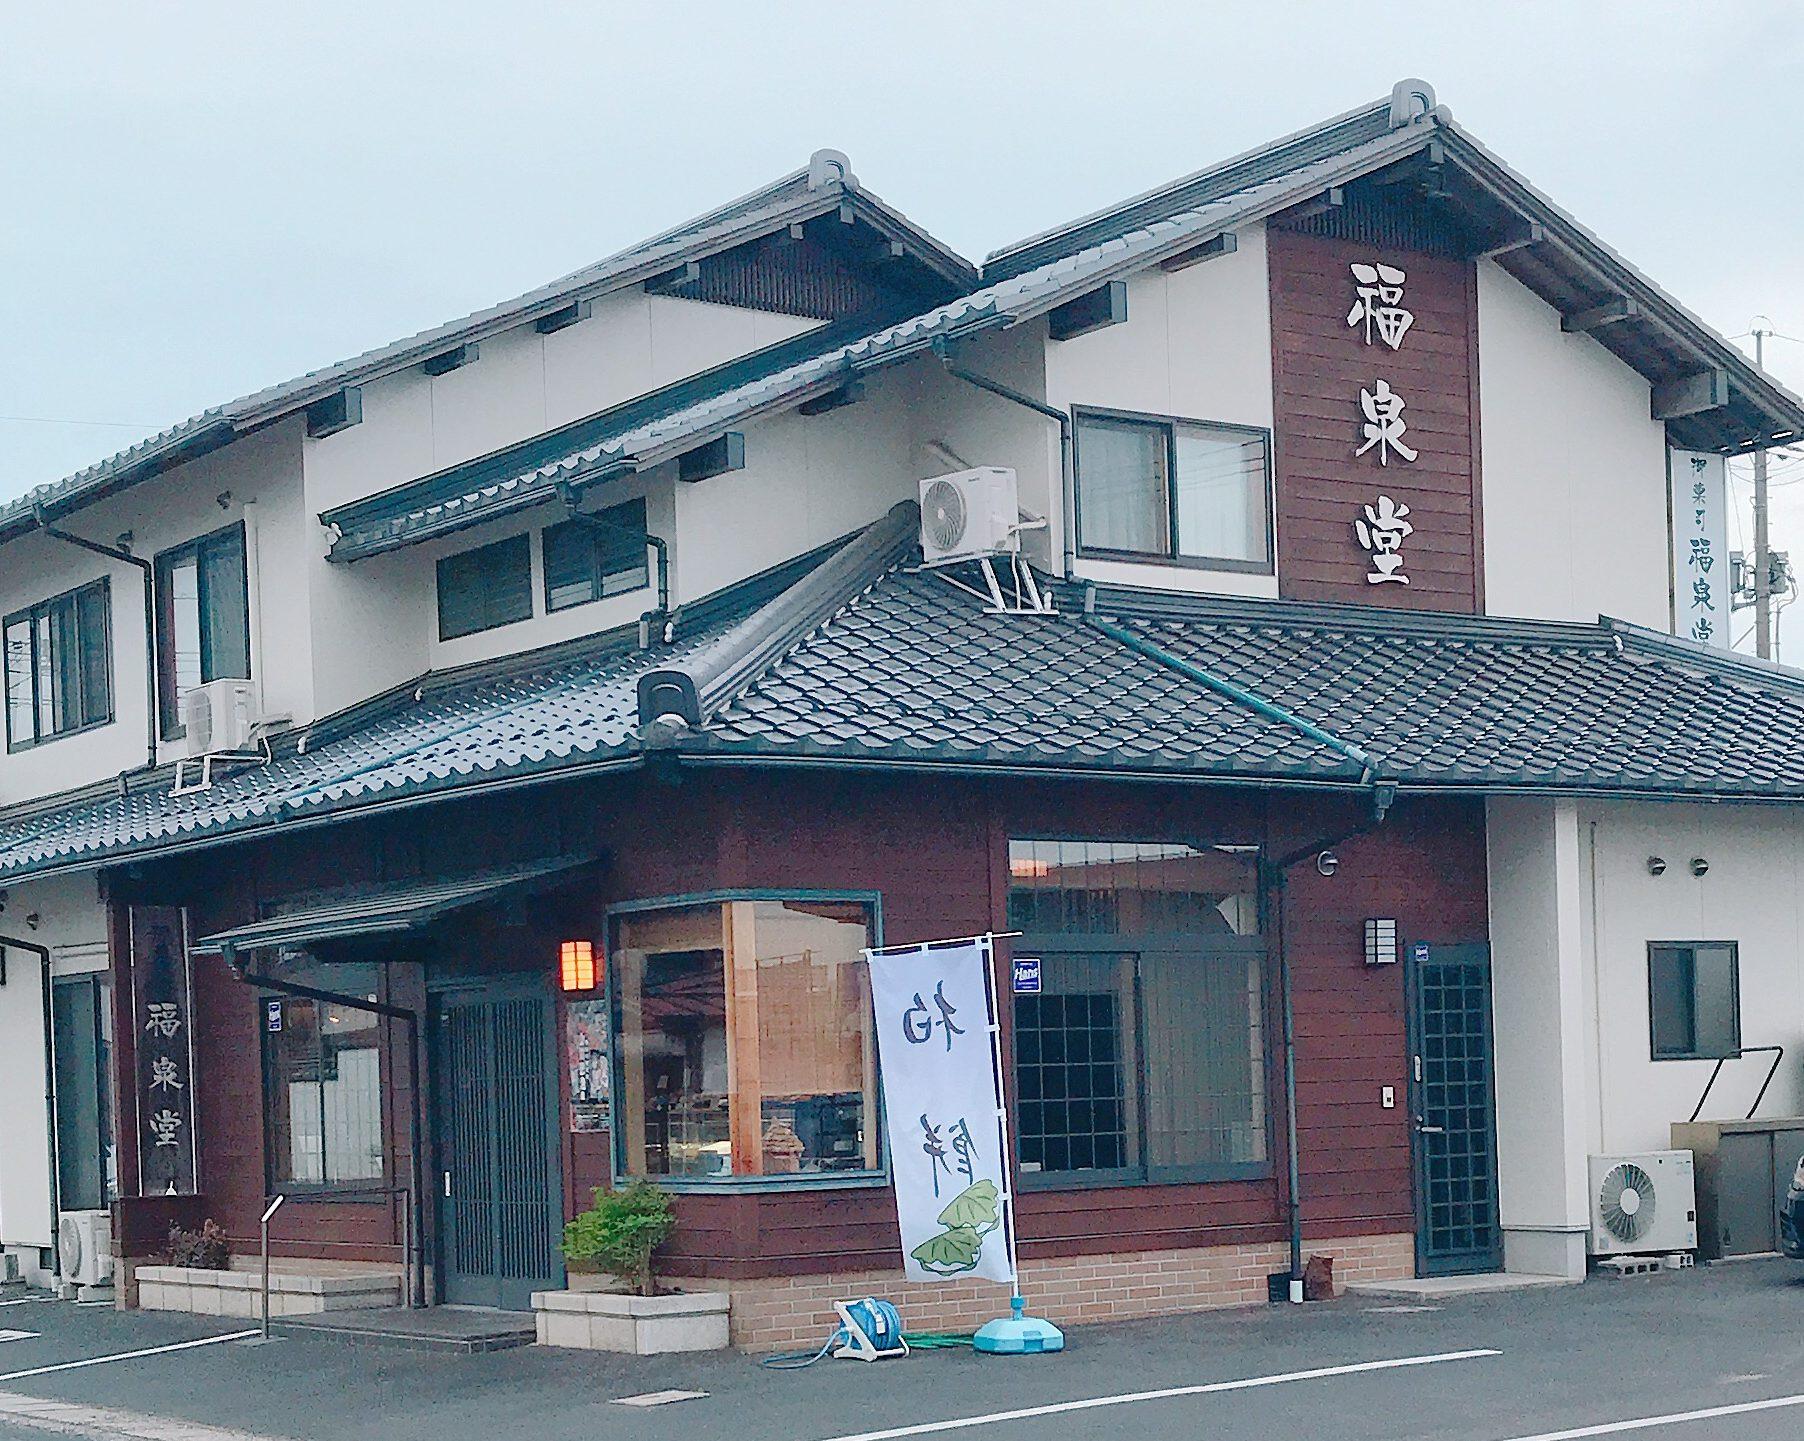 【御菓司 福泉堂】斐川町のレアチーズ大福がおすすめの和菓子屋さん | しまねこブログ